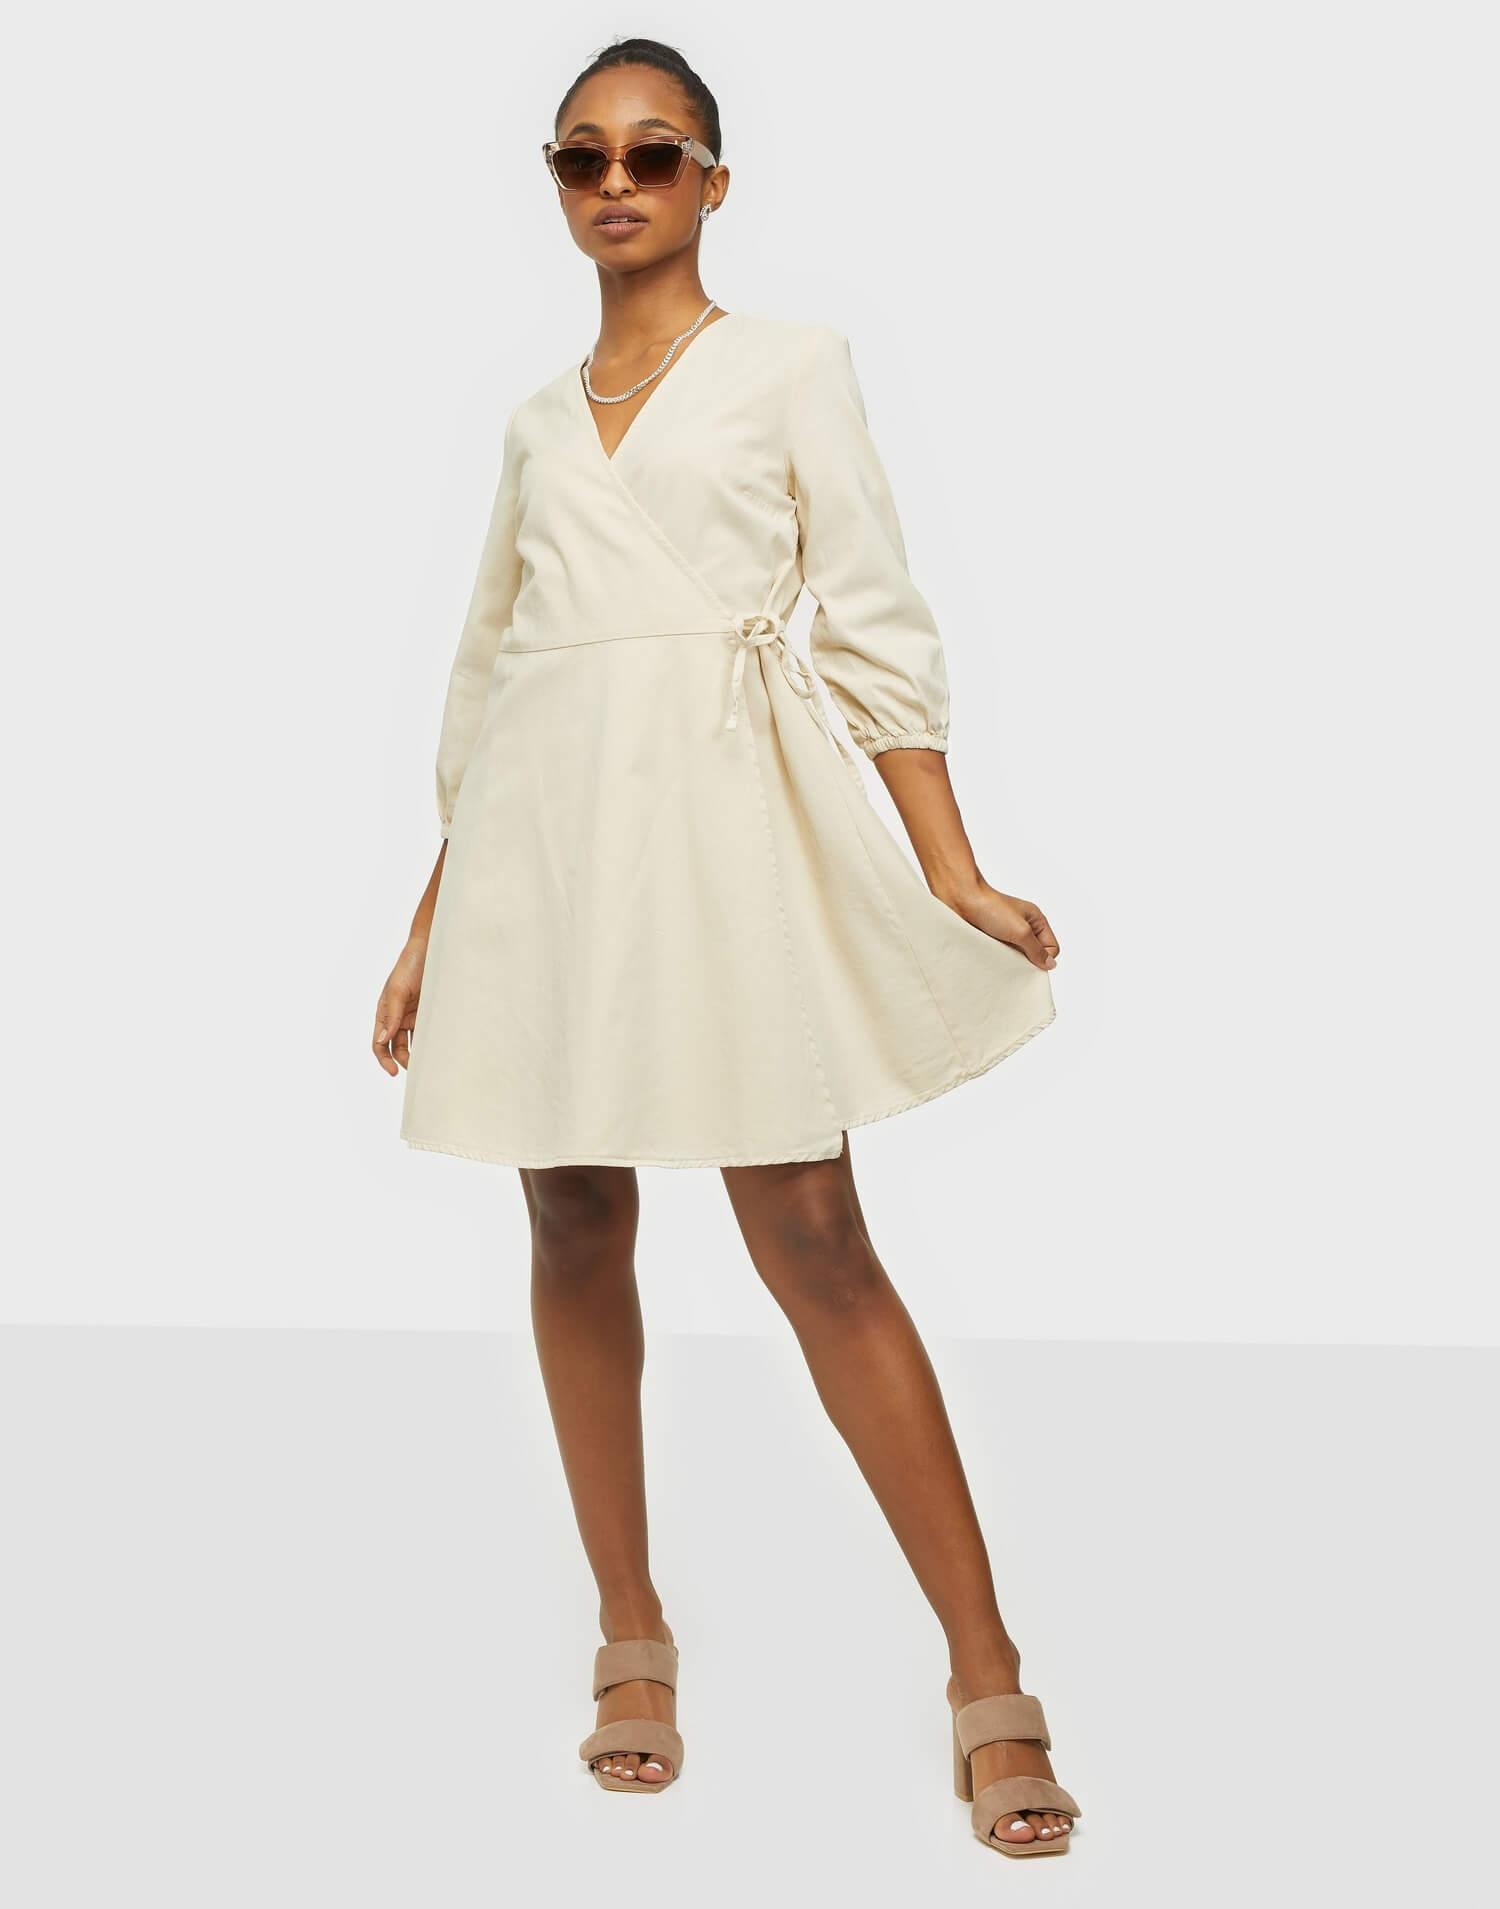 Beige omlottklänning från Vero Moda.